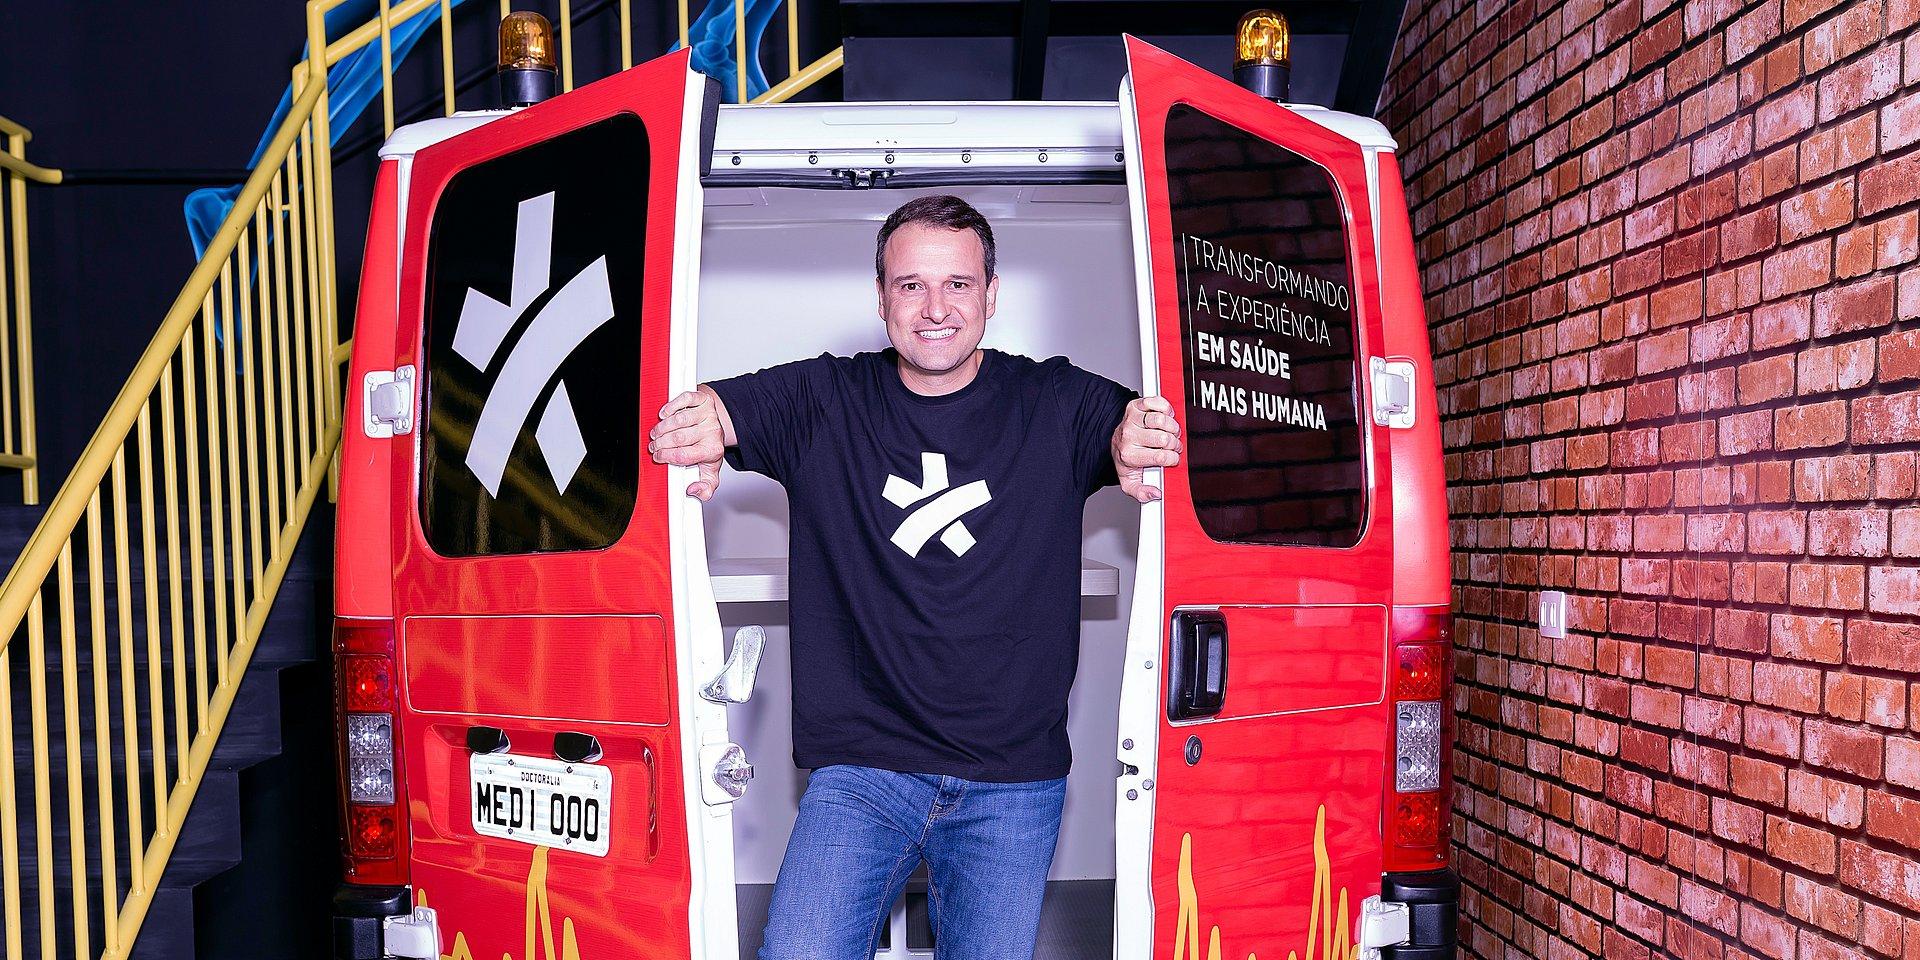 DocPlanner capta 80 milhões de euros para impulsionar crescimento